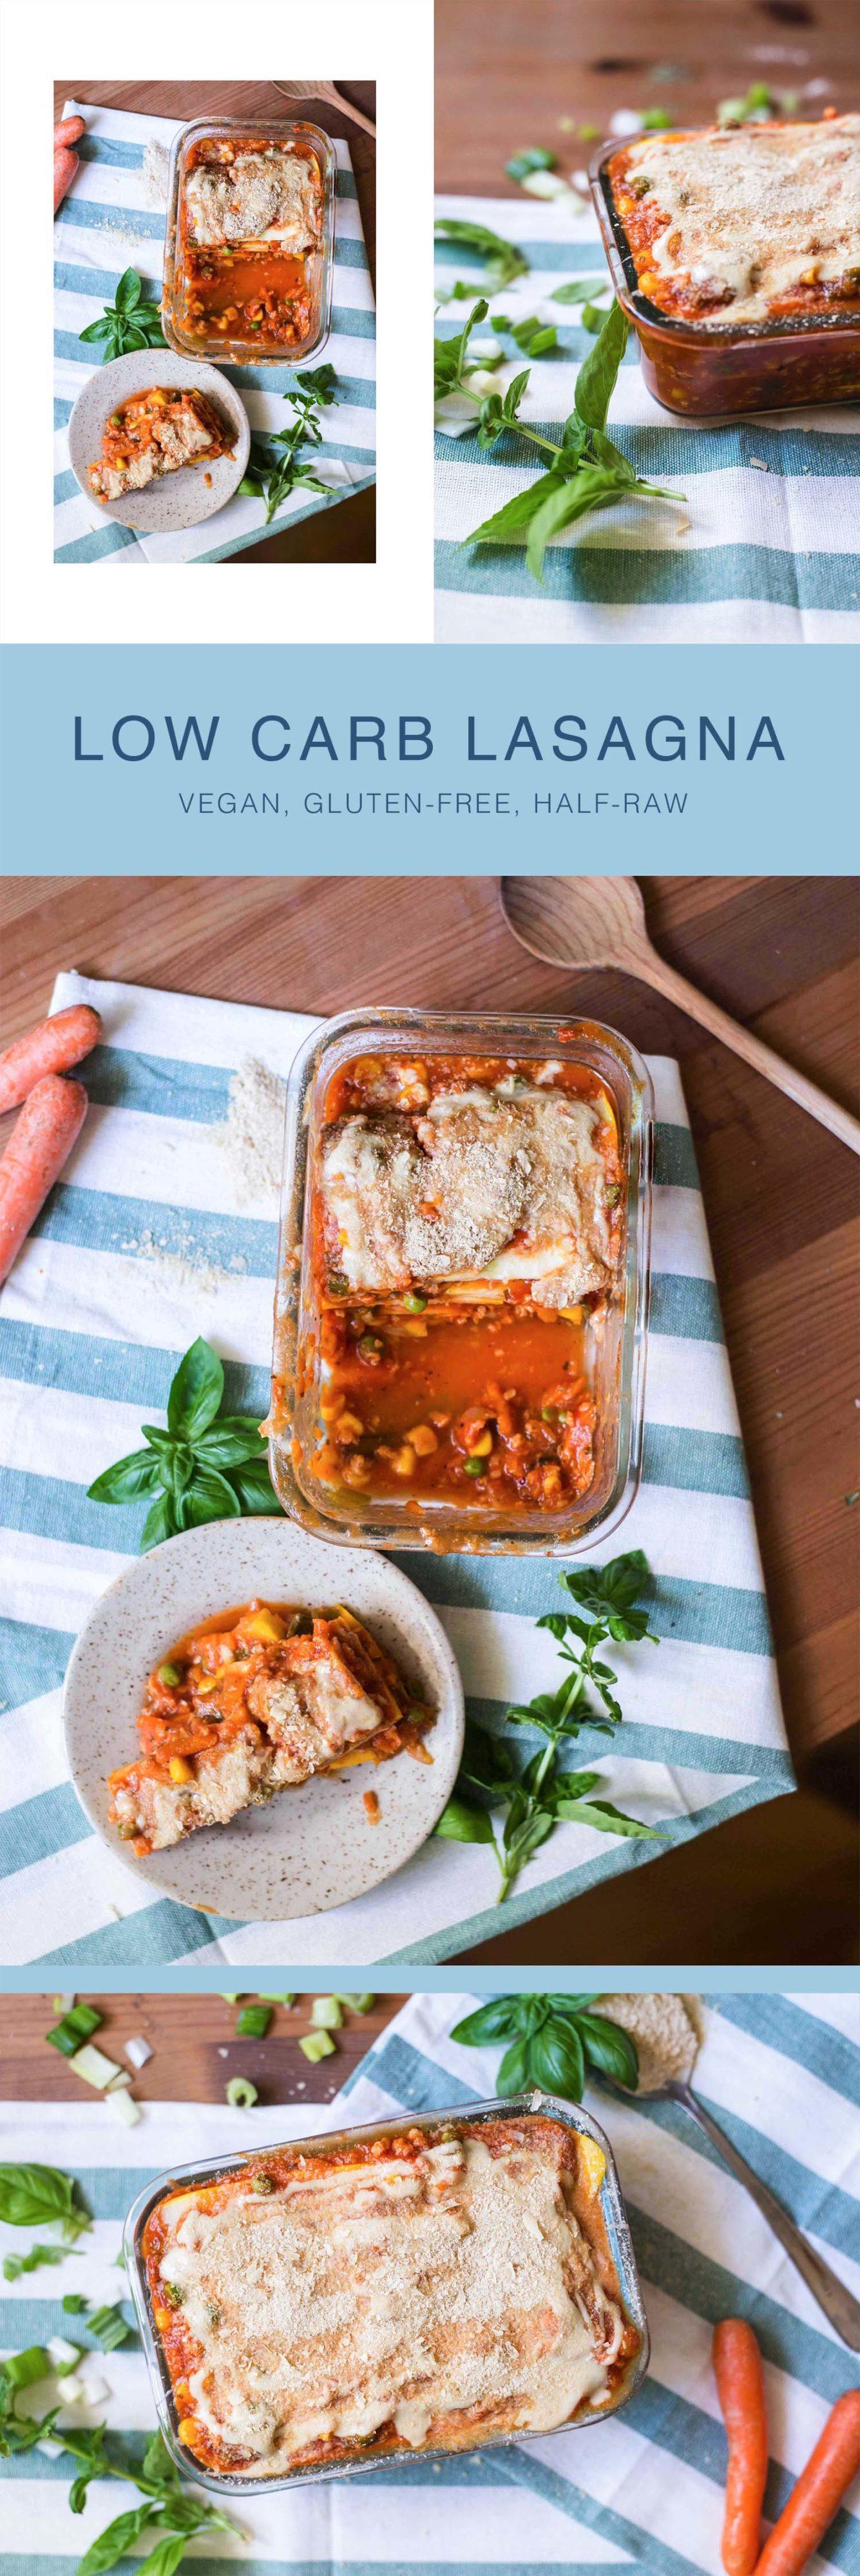 halb roh vegan lasagne gemüselasagne gesund gluten-frei low carb zucchini food blog österreich graz vegetarisch pinterest